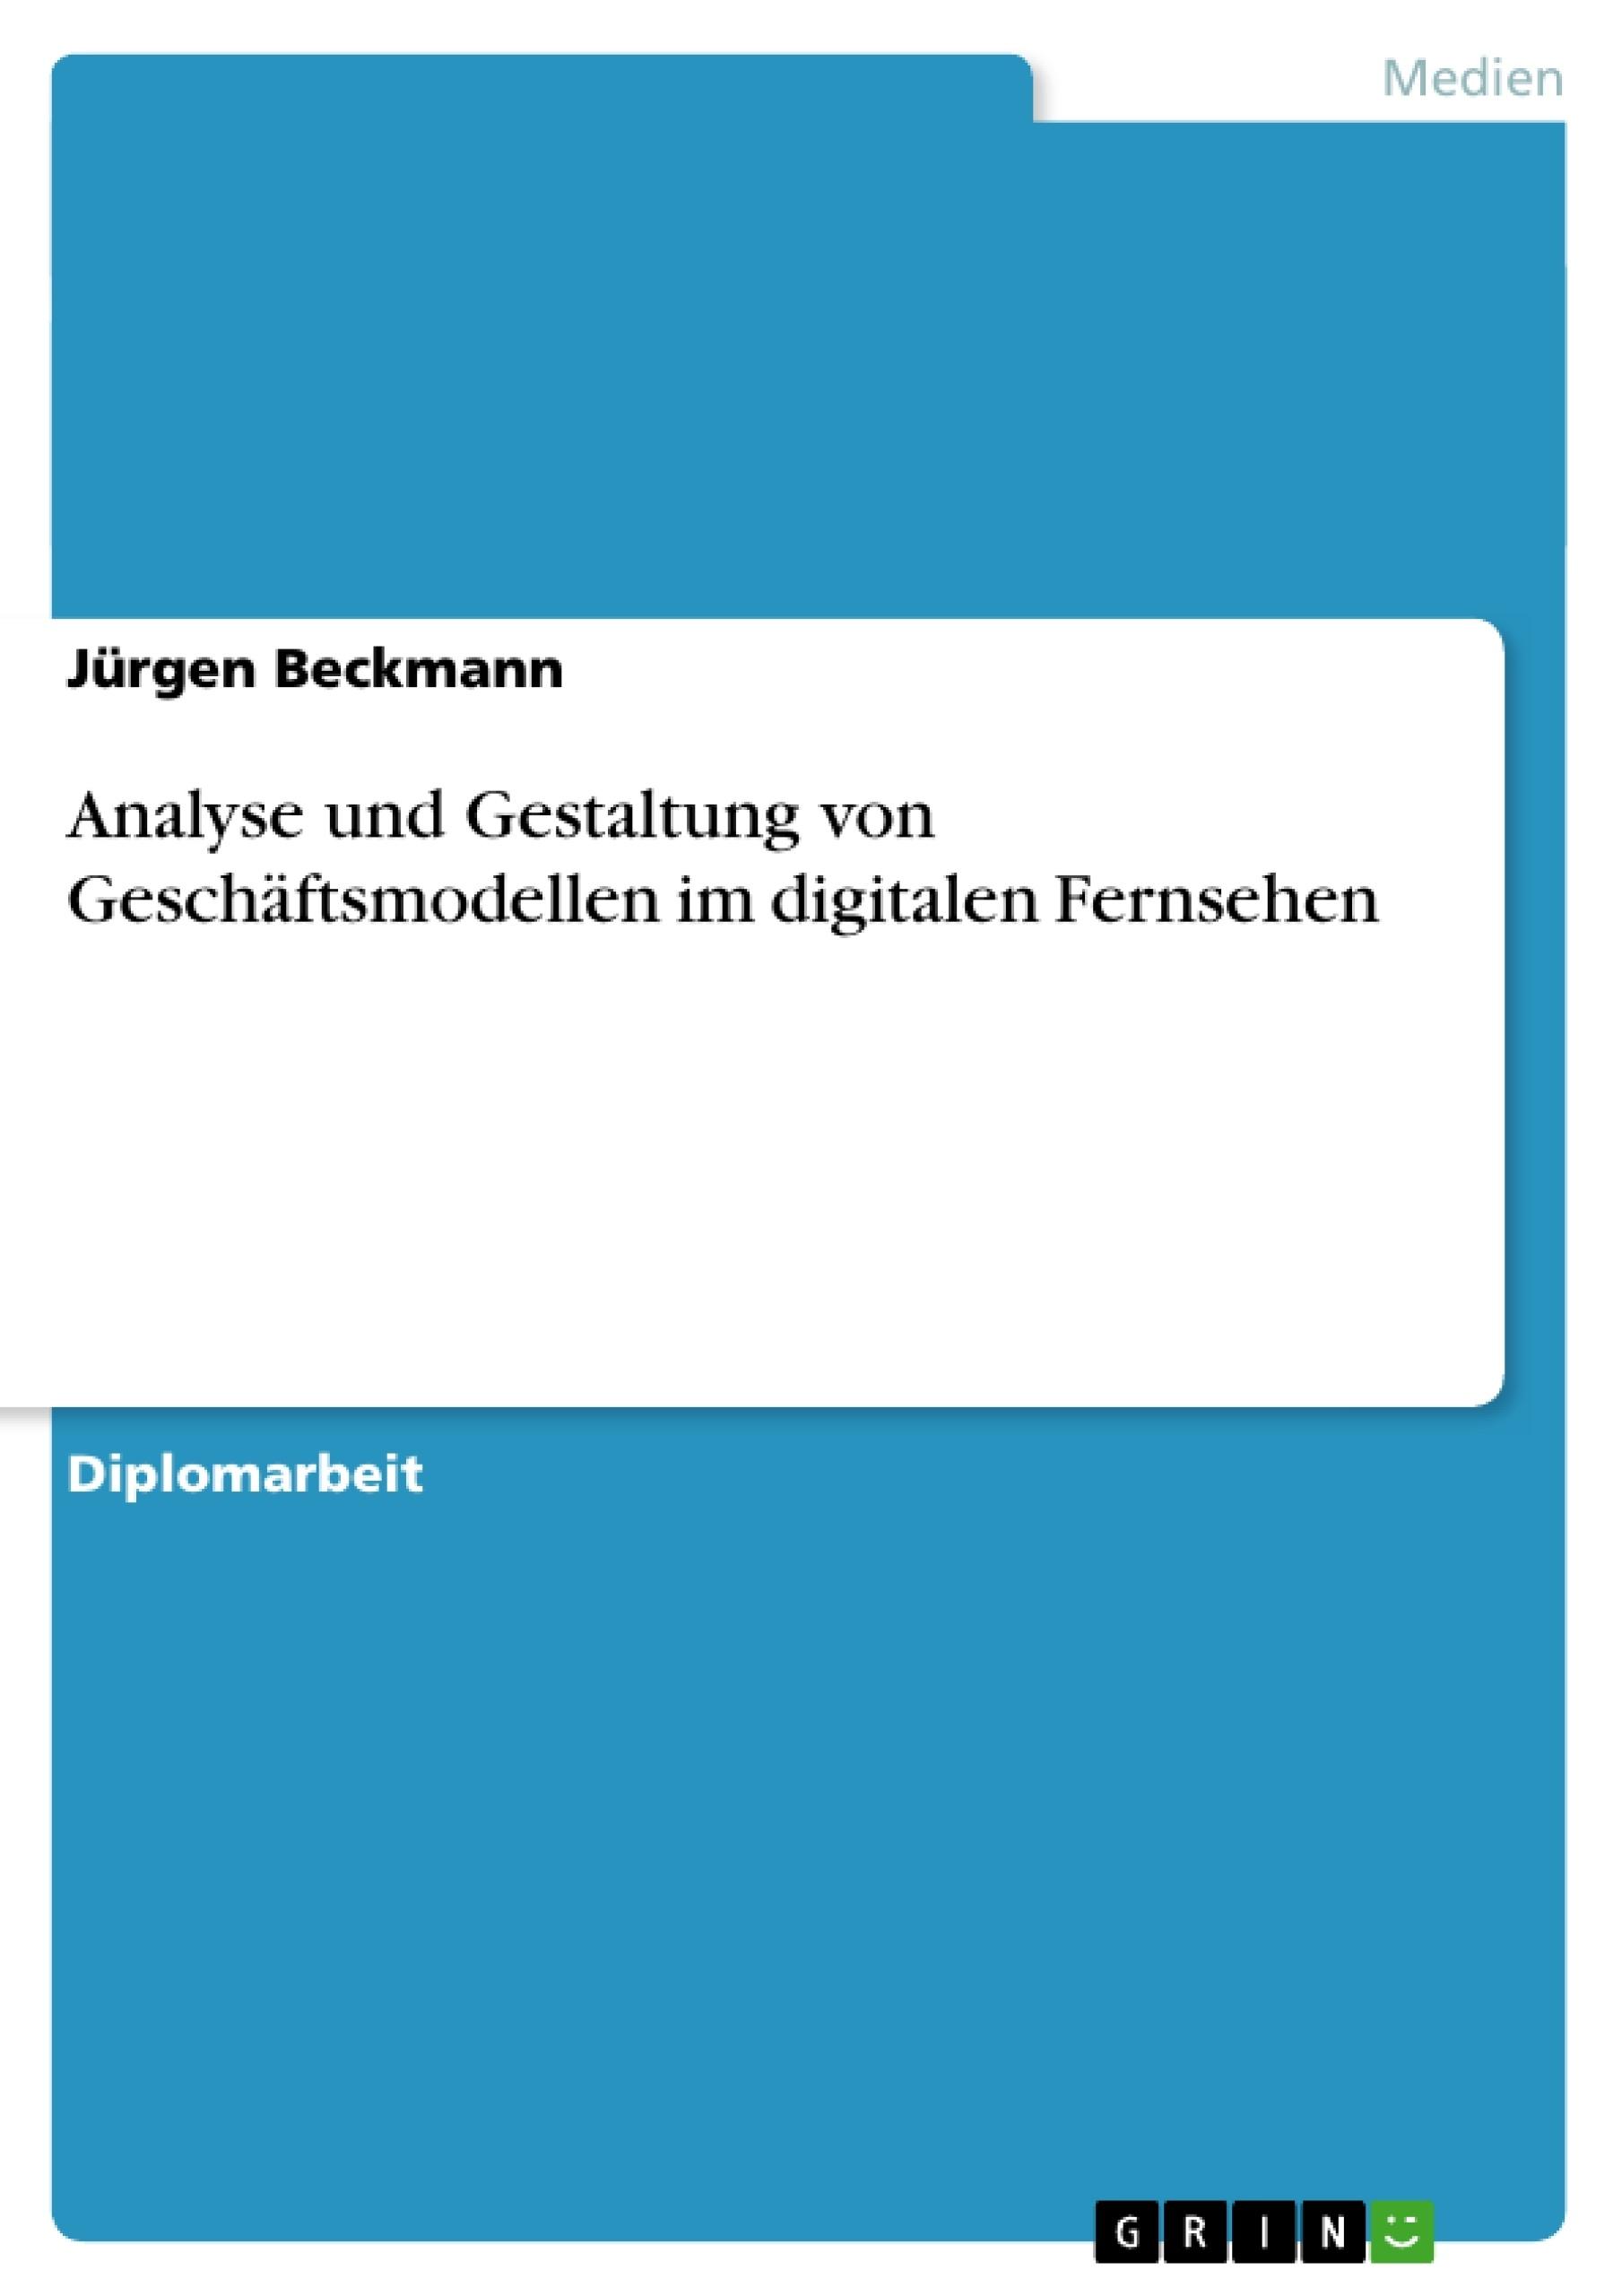 Titel: Analyse und Gestaltung von Geschäftsmodellen im digitalen Fernsehen